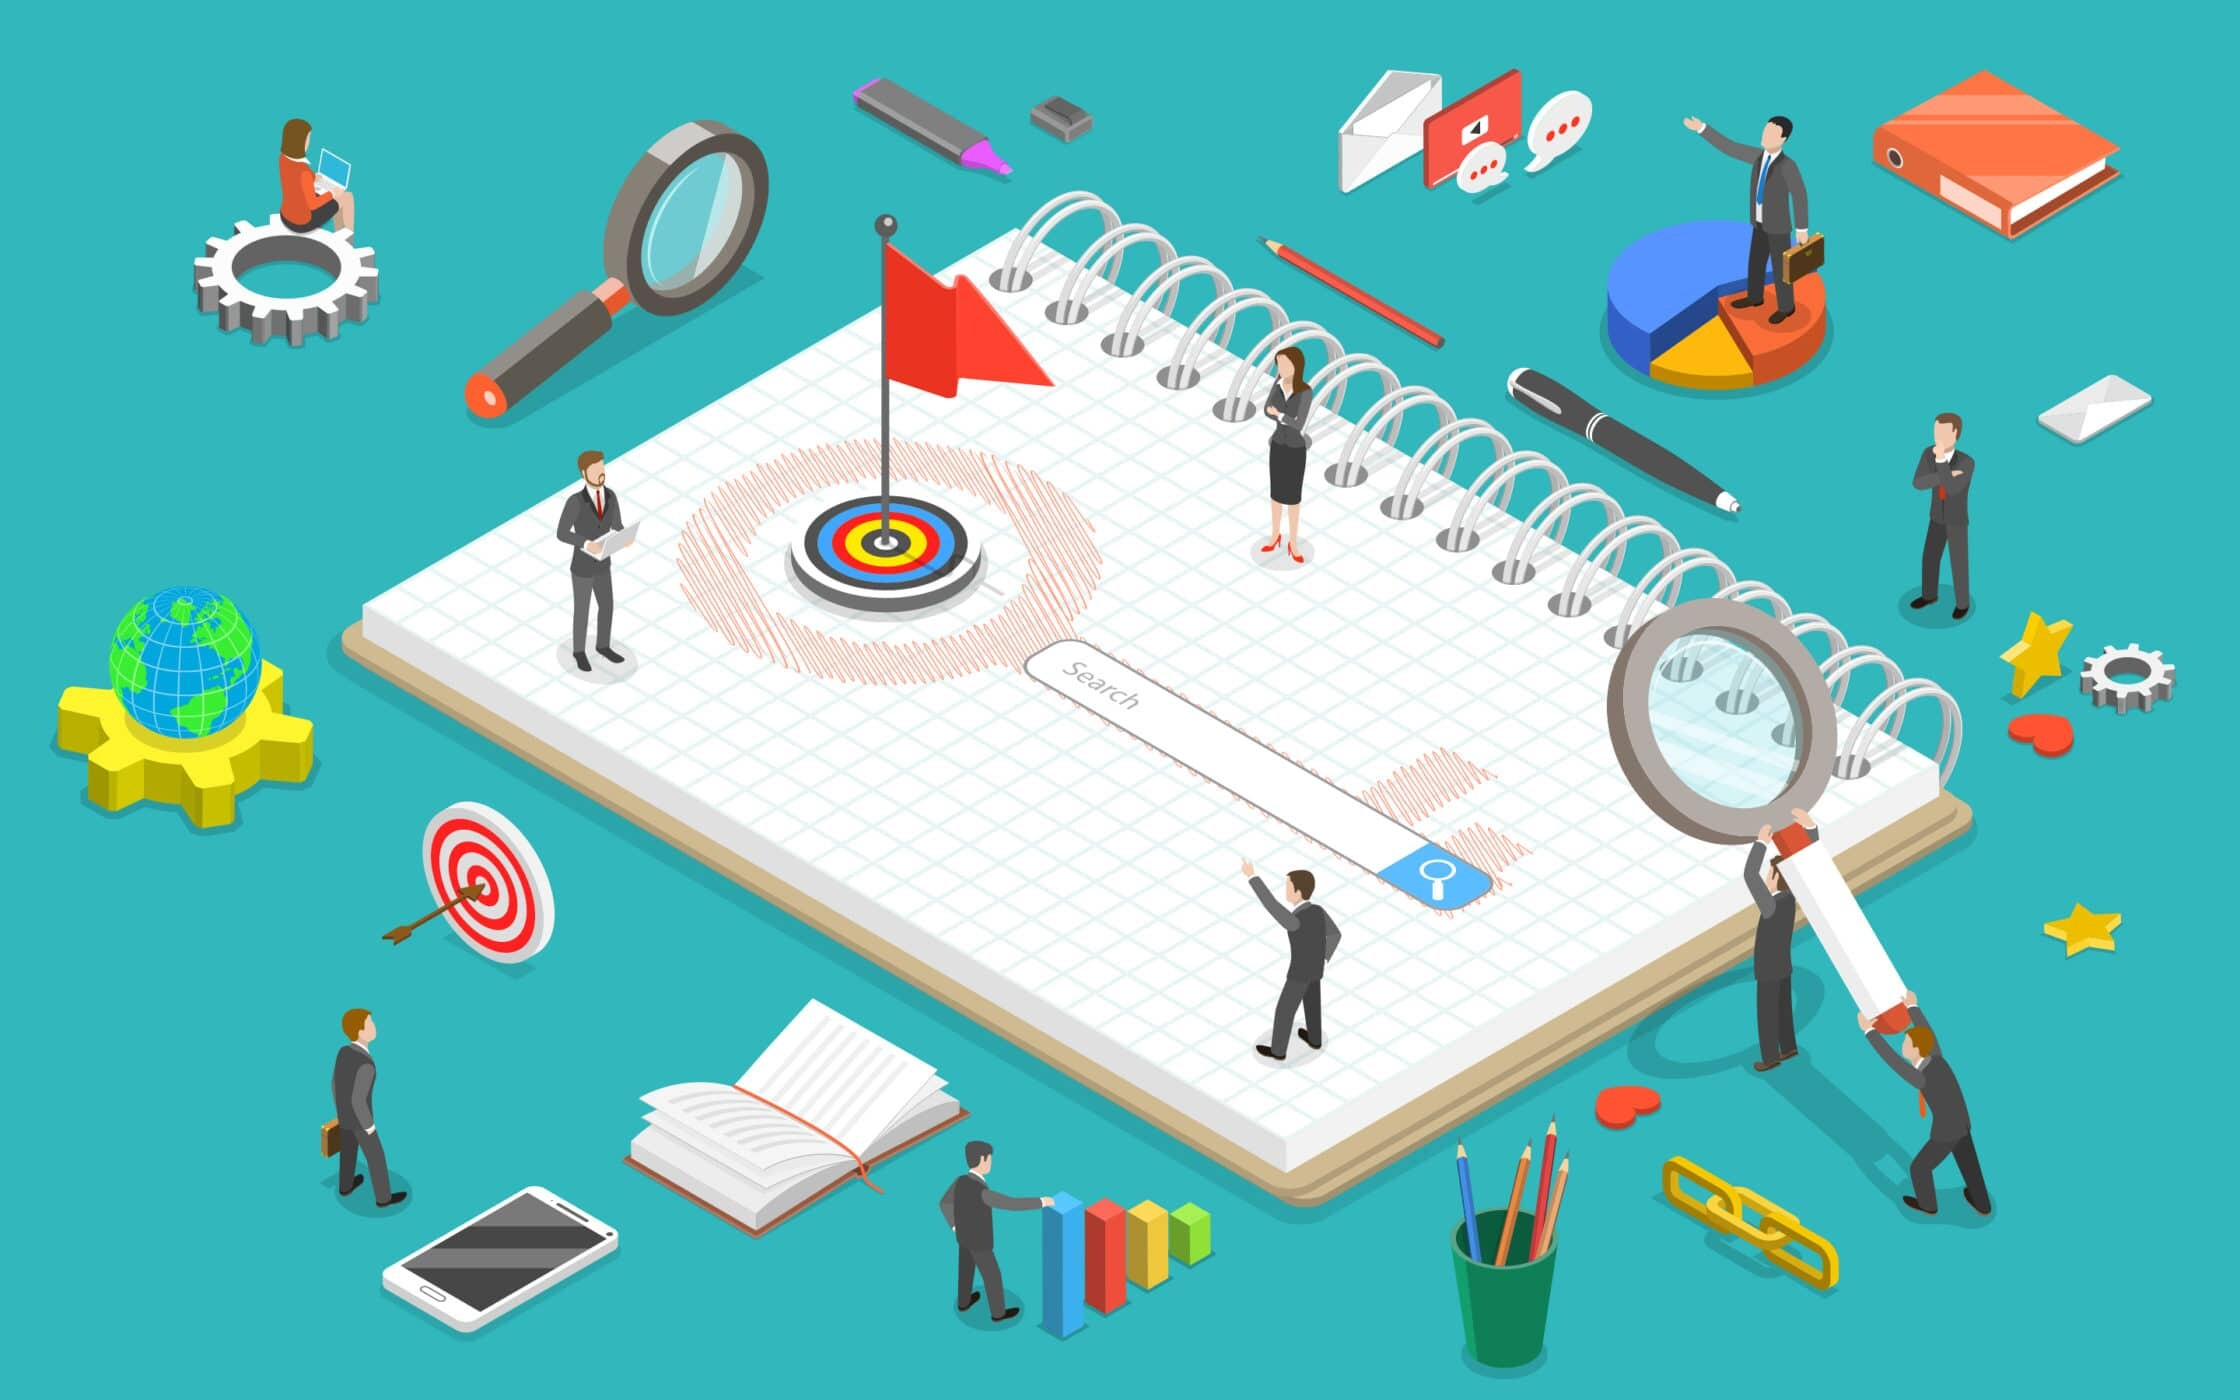 [마소캠퍼스] <b>2020년에 효과적인 키워드 타겟팅 5단계 프레임워크</b>